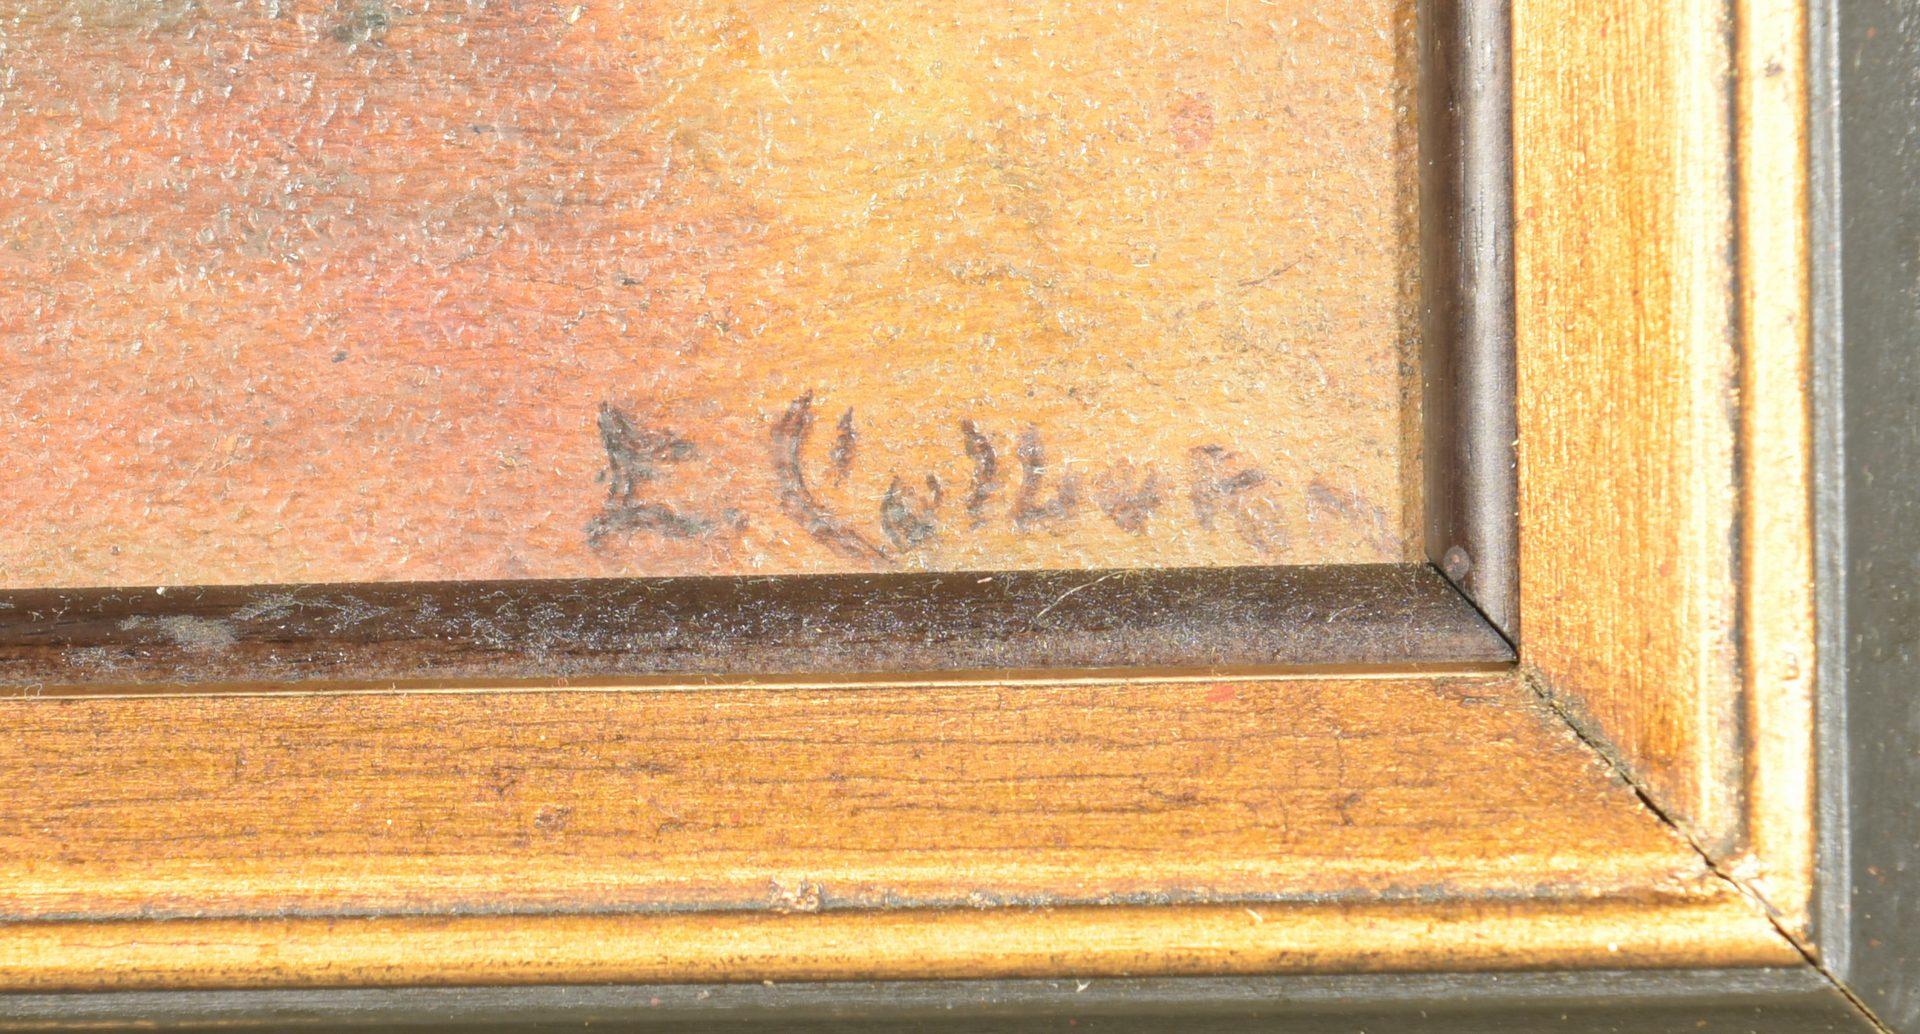 Lot 651: Elanor Colburn Oil on Board Still Life